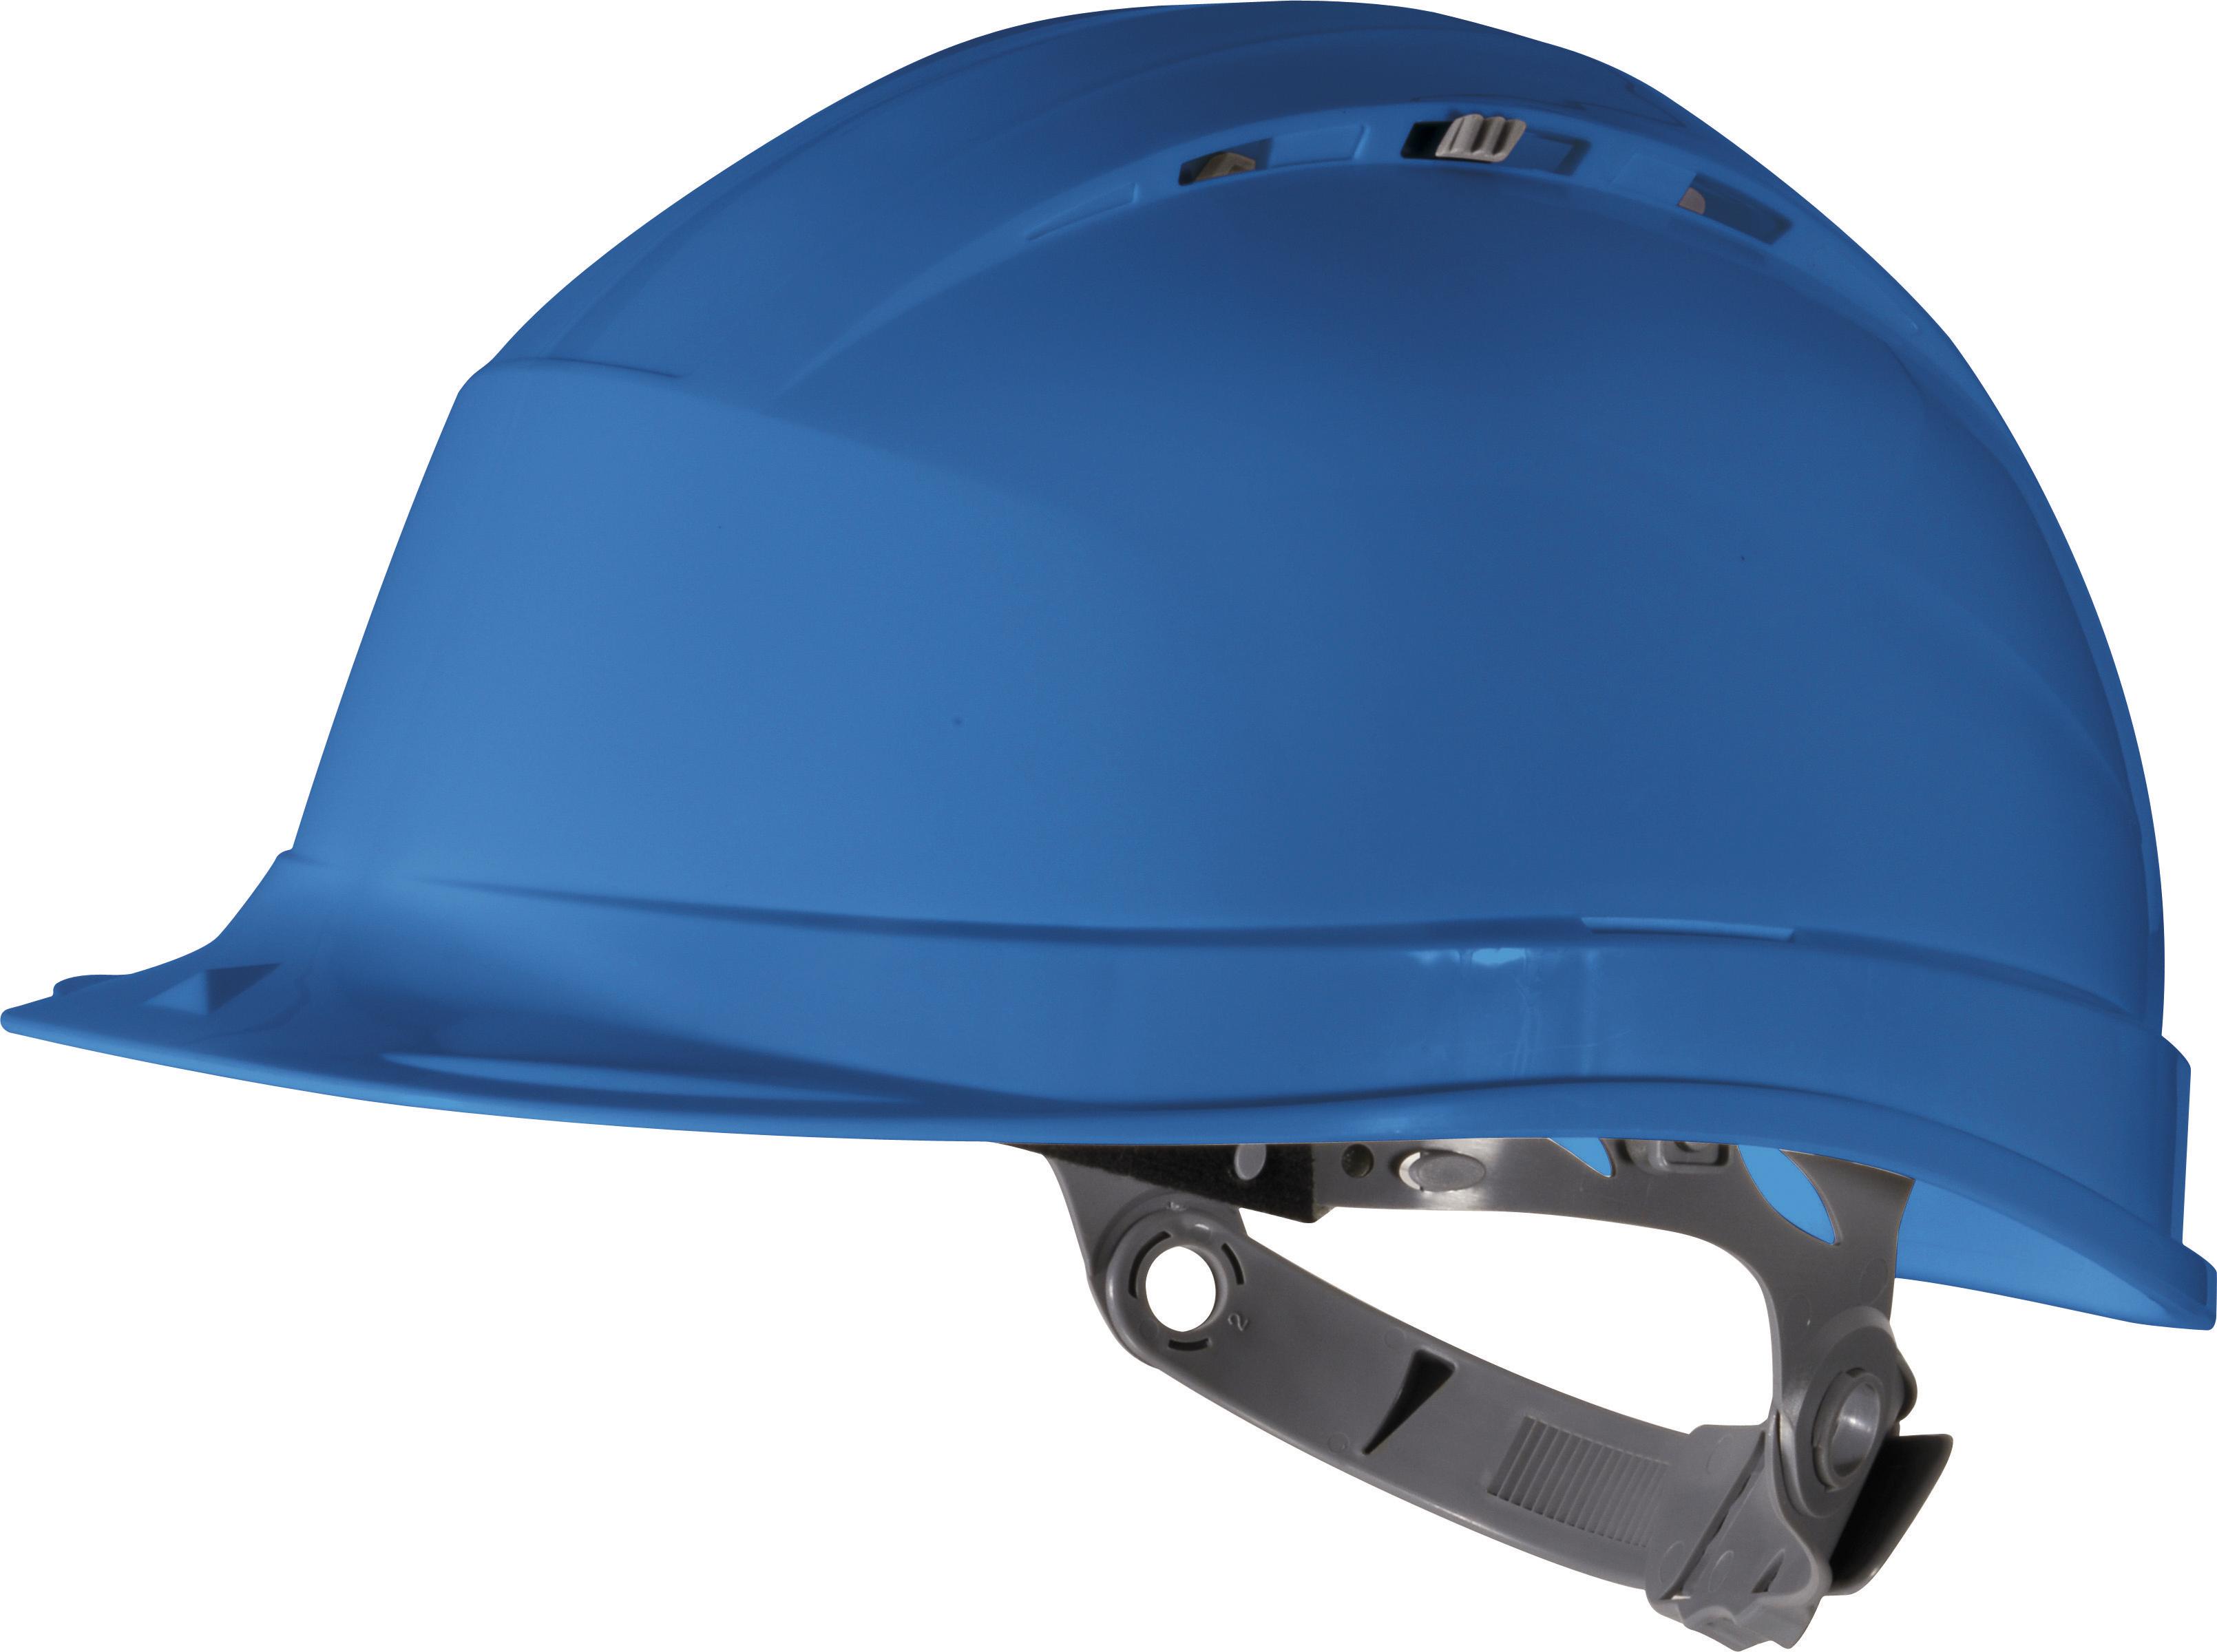 синяя строительная каска, фото, обои для рабочего стола, скачать